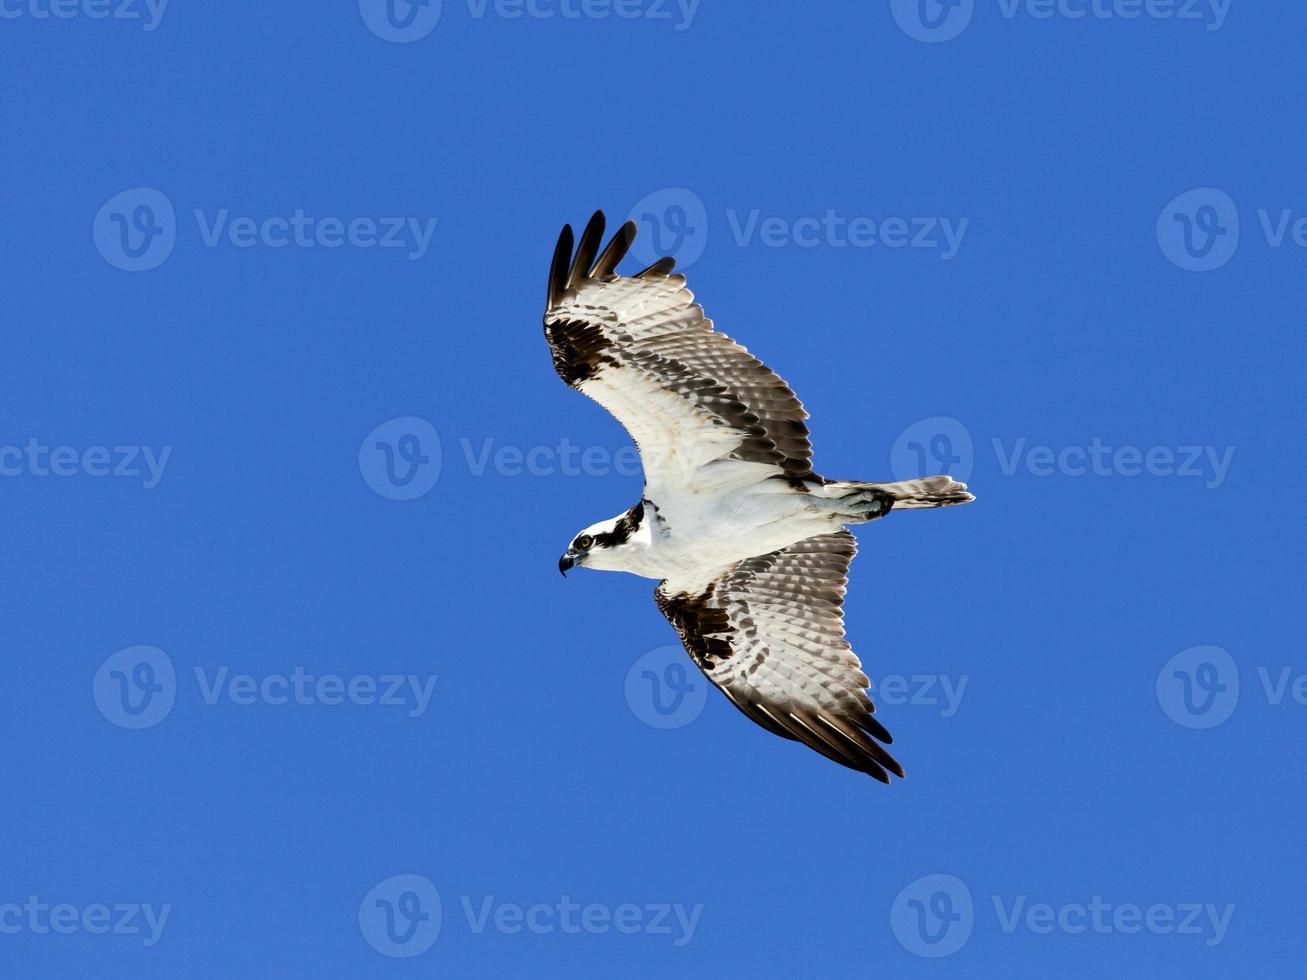 águila pescadora (halcón de mar) en vuelo contra el cielo azul foto